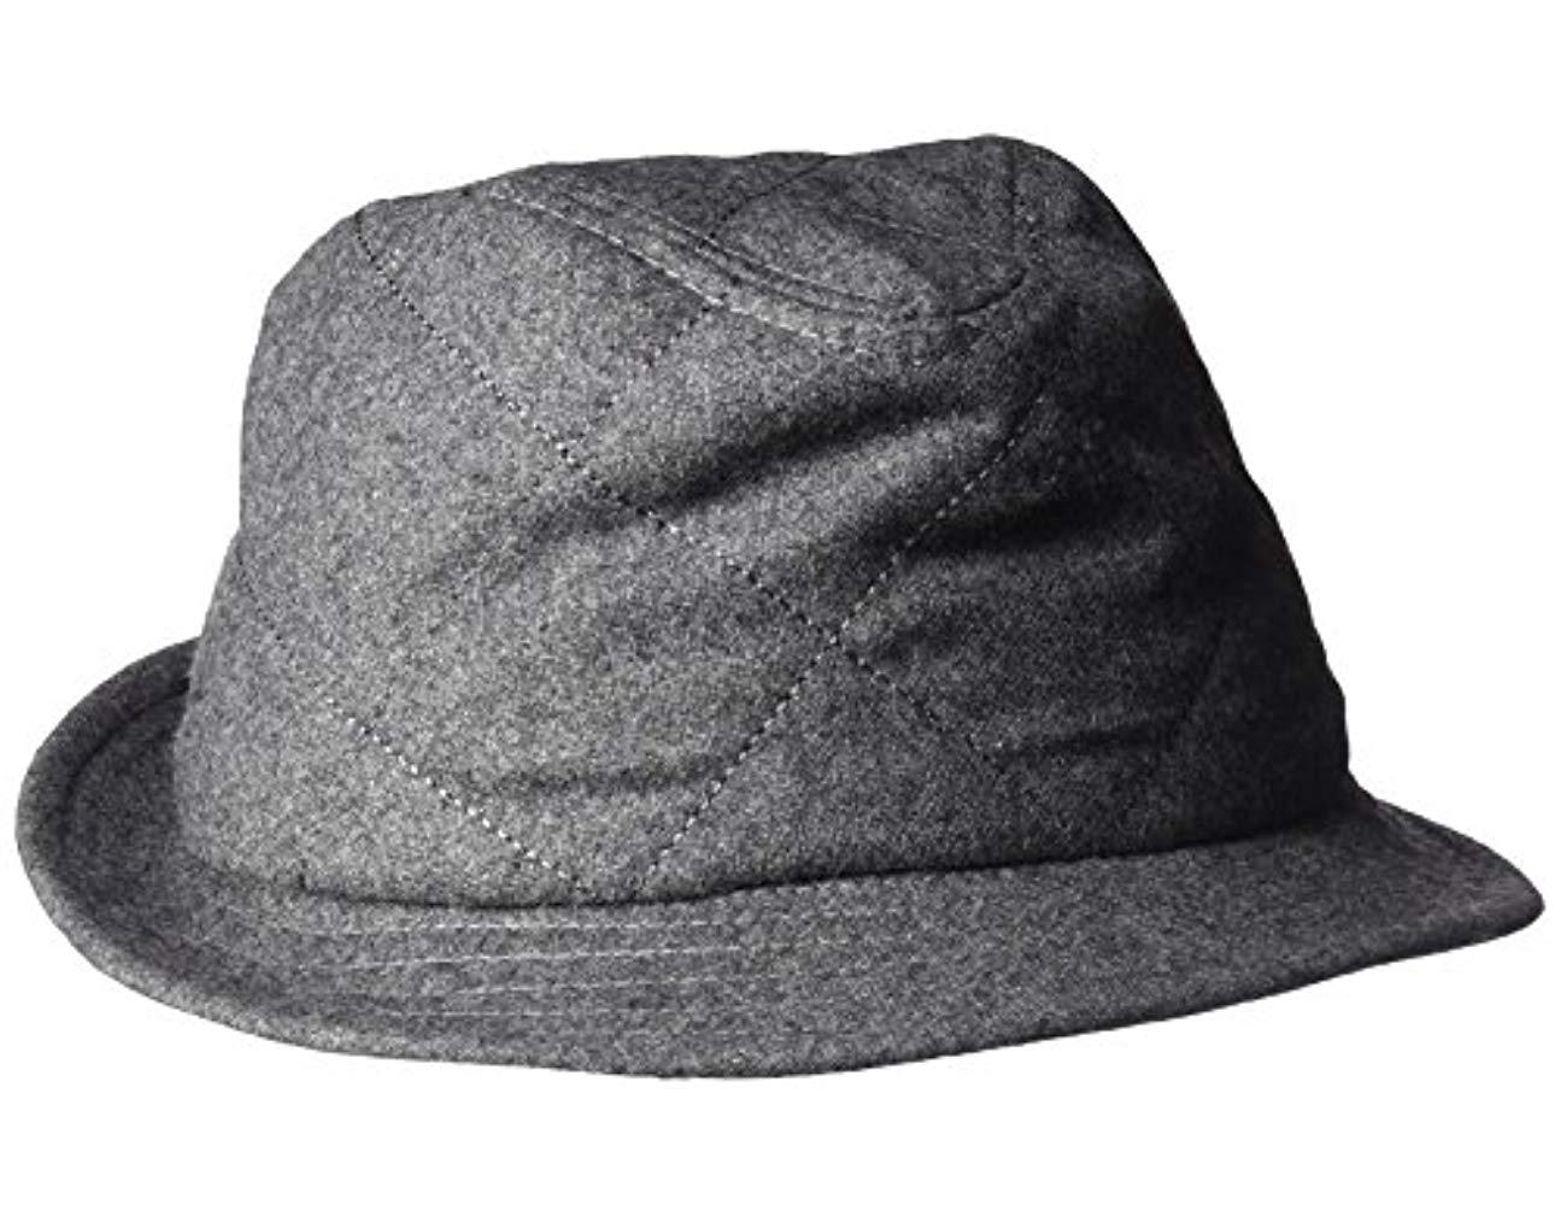 ad16b03a7 Men's Gray Huck Knit Fedora Hat